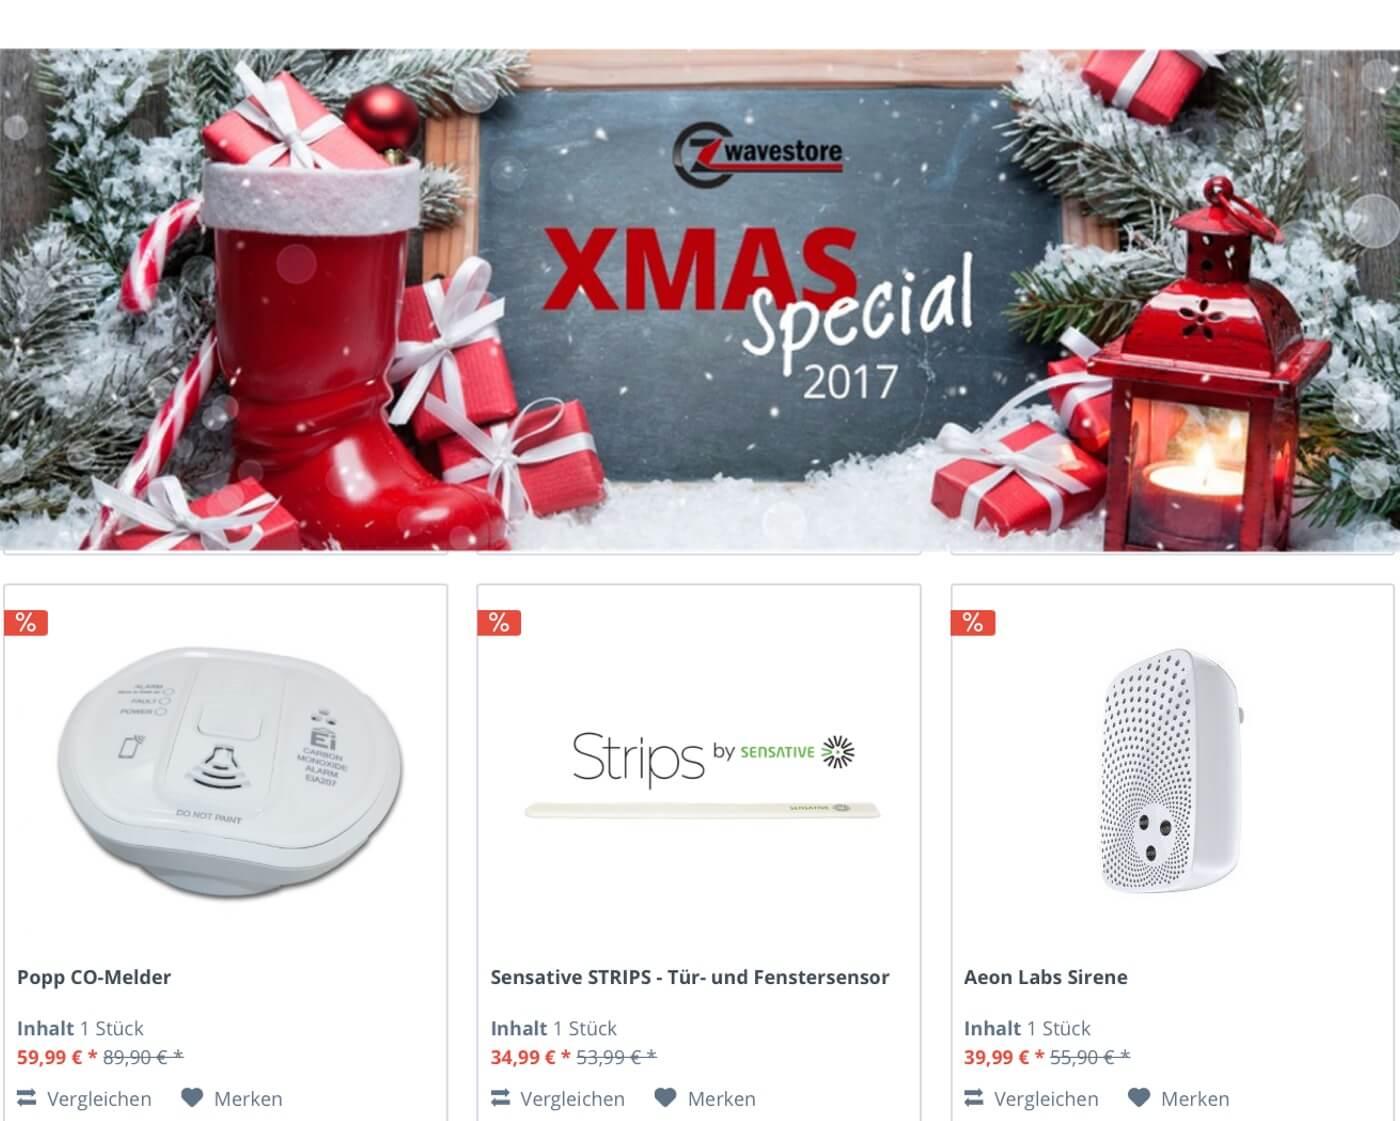 zwavestorede-xmas-special-weihnachten